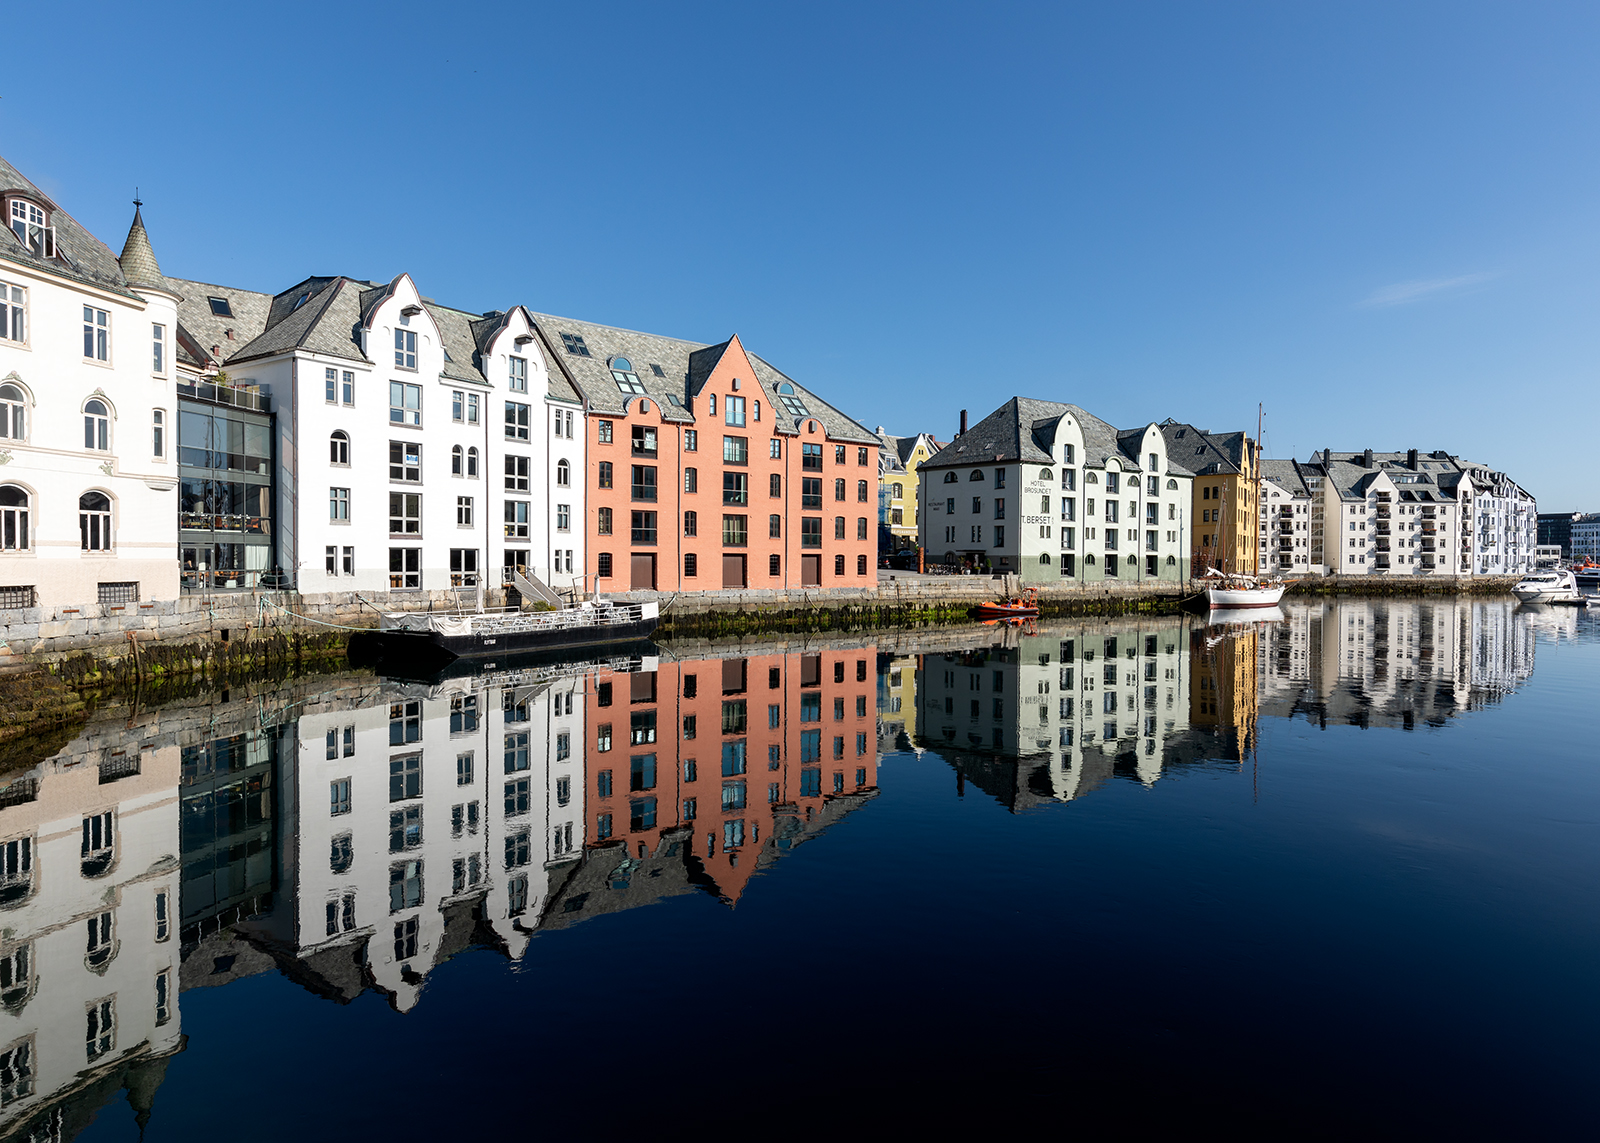 Kanalen i Ålesund av Eirik Sørstrømmen